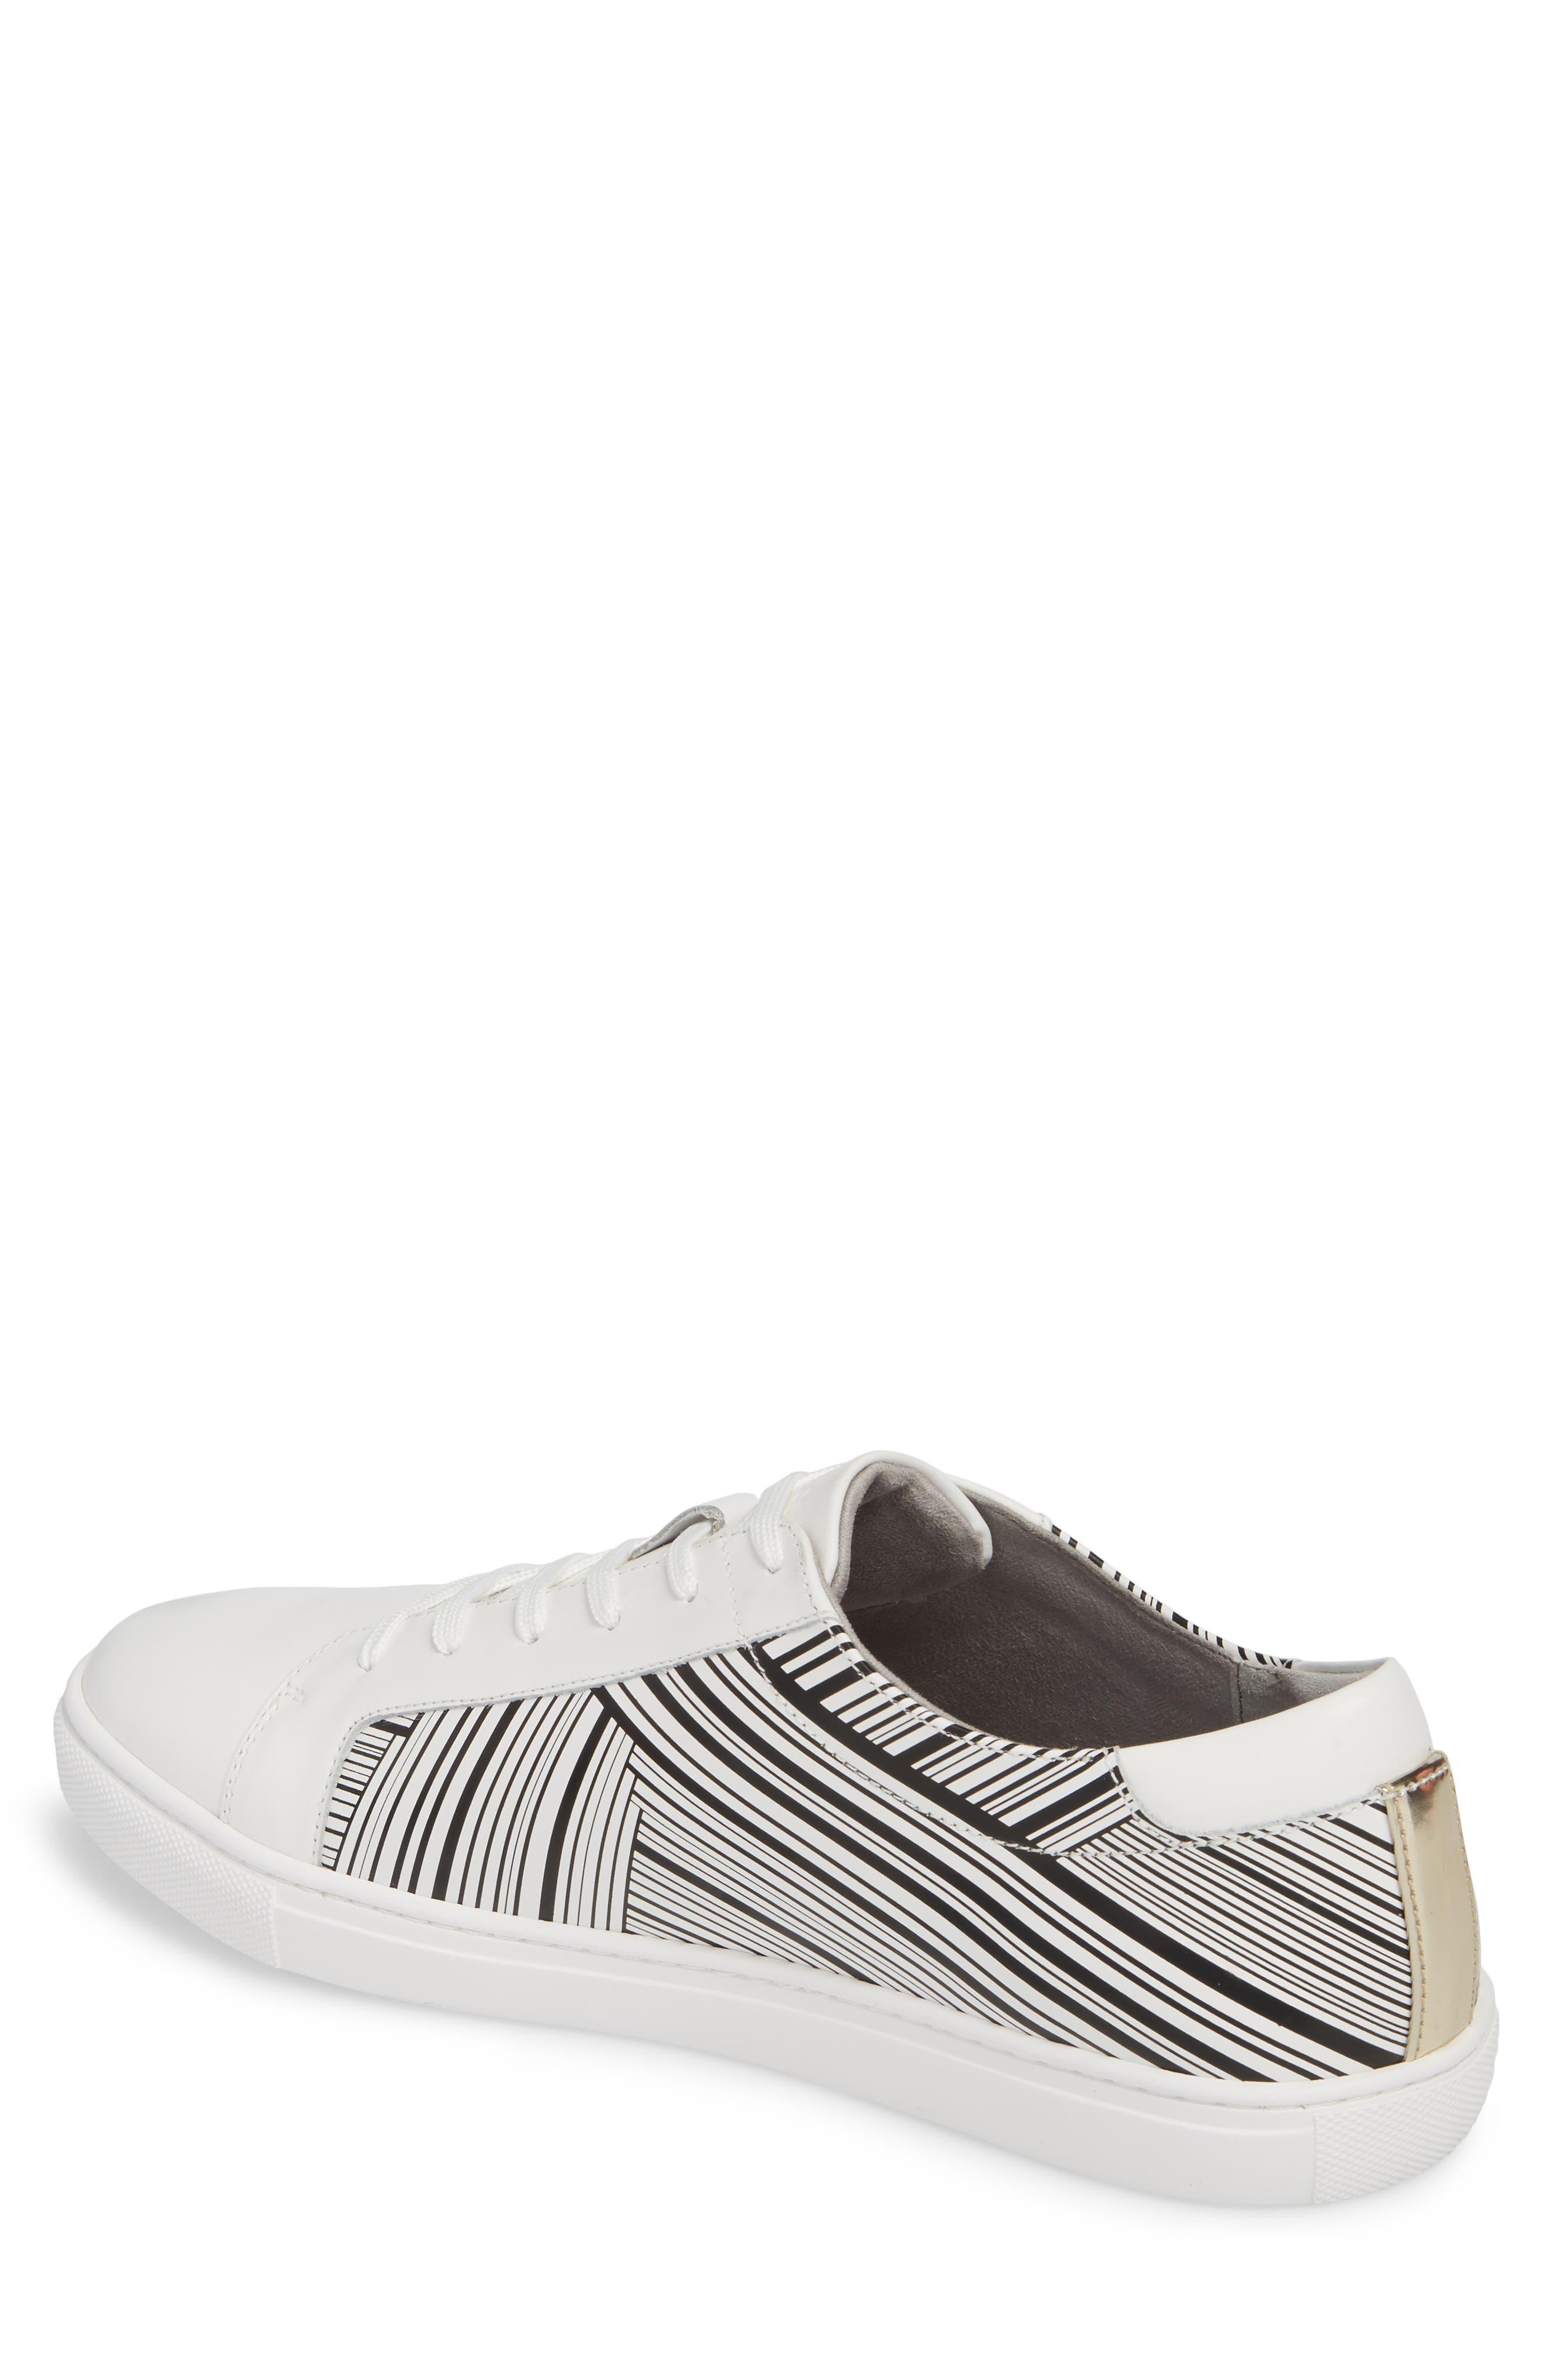 Kam Sneaker,                             Alternate thumbnail 2, color,                             112